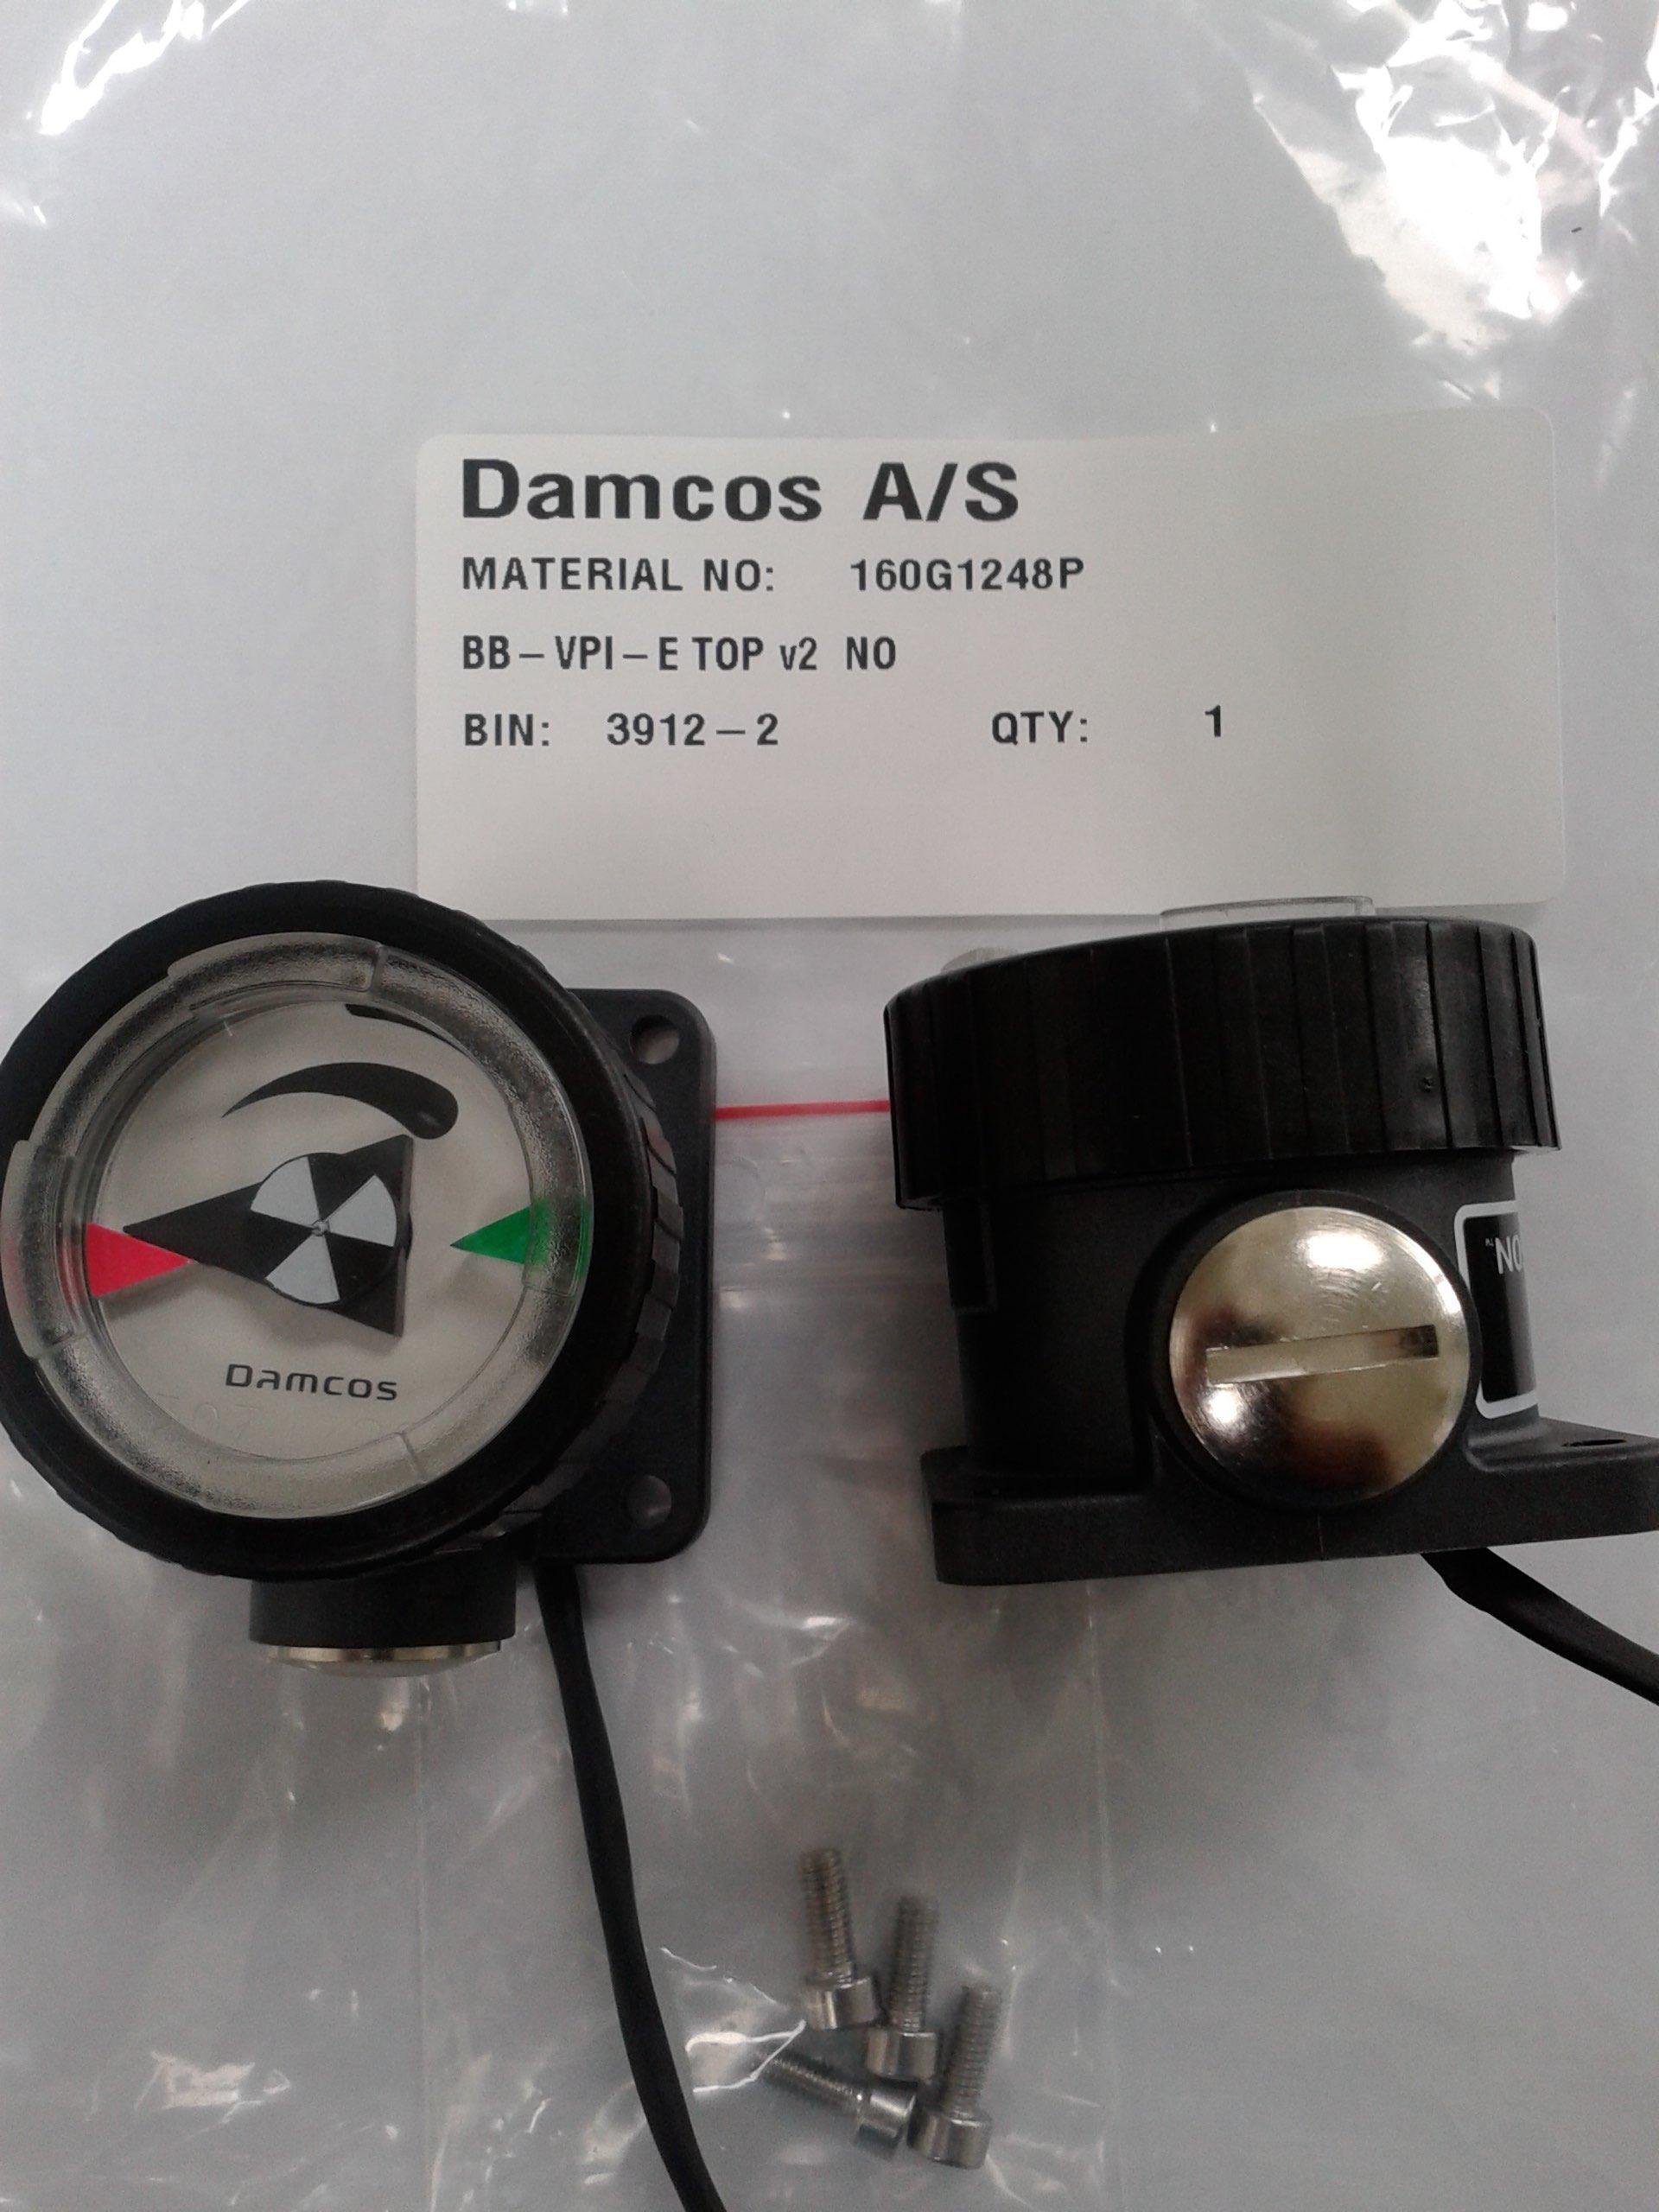 Damcos : Danfoss BB-VPI-E Top V2, Part No 160G1248P